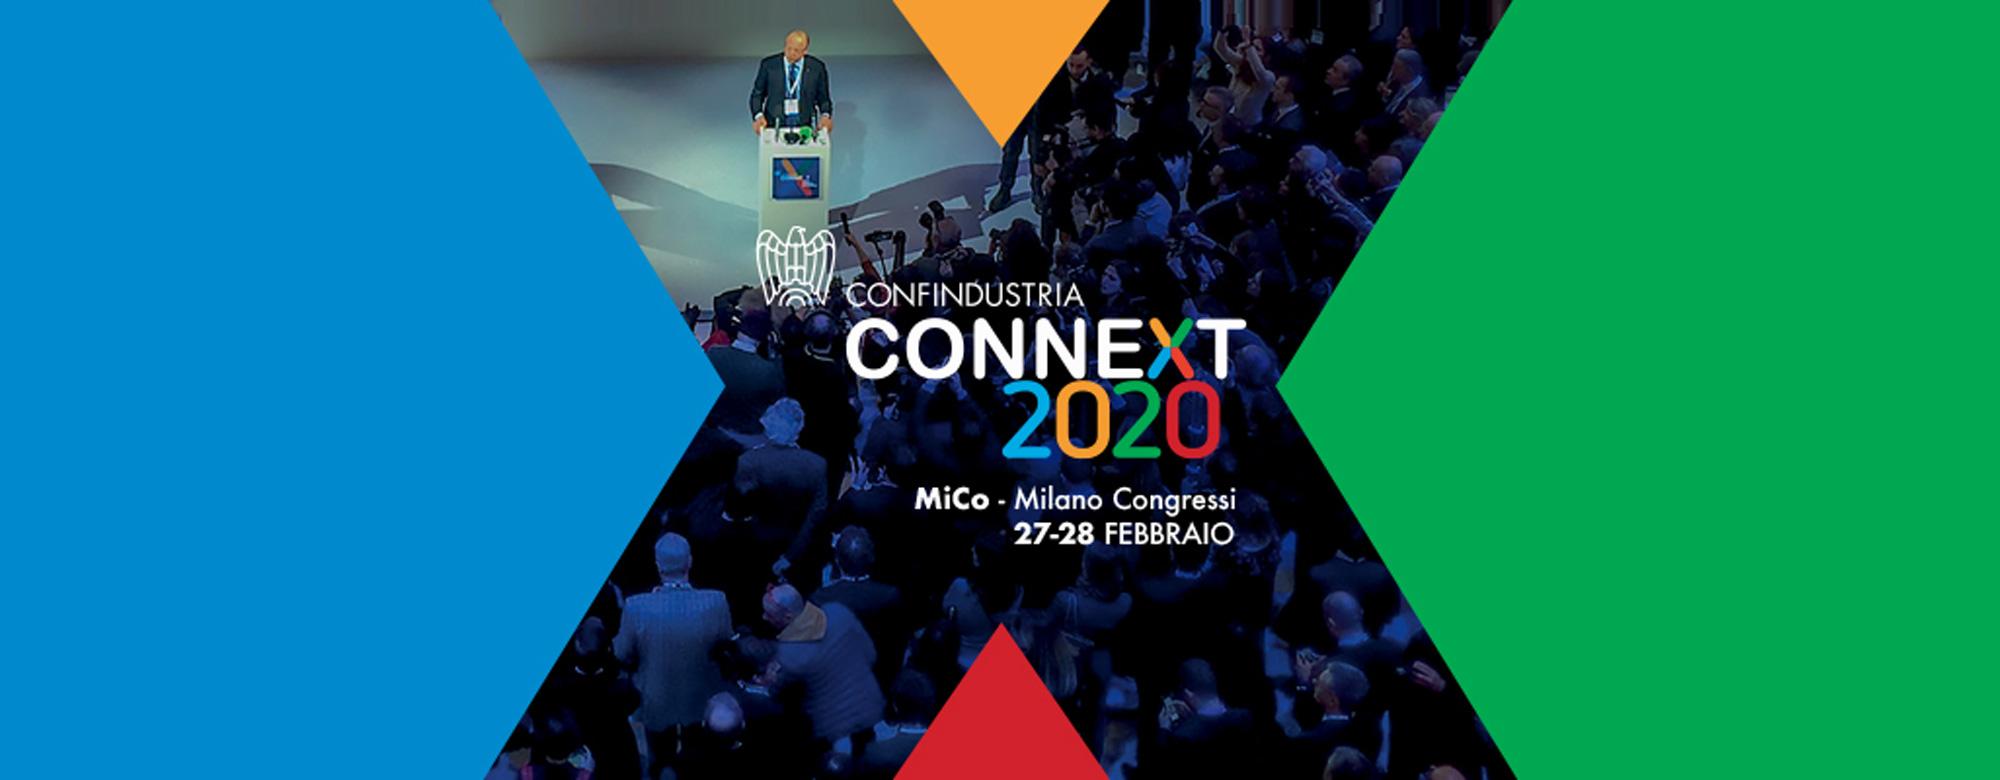 Tutti gli appuntamenti da non perdere a Connext 2020